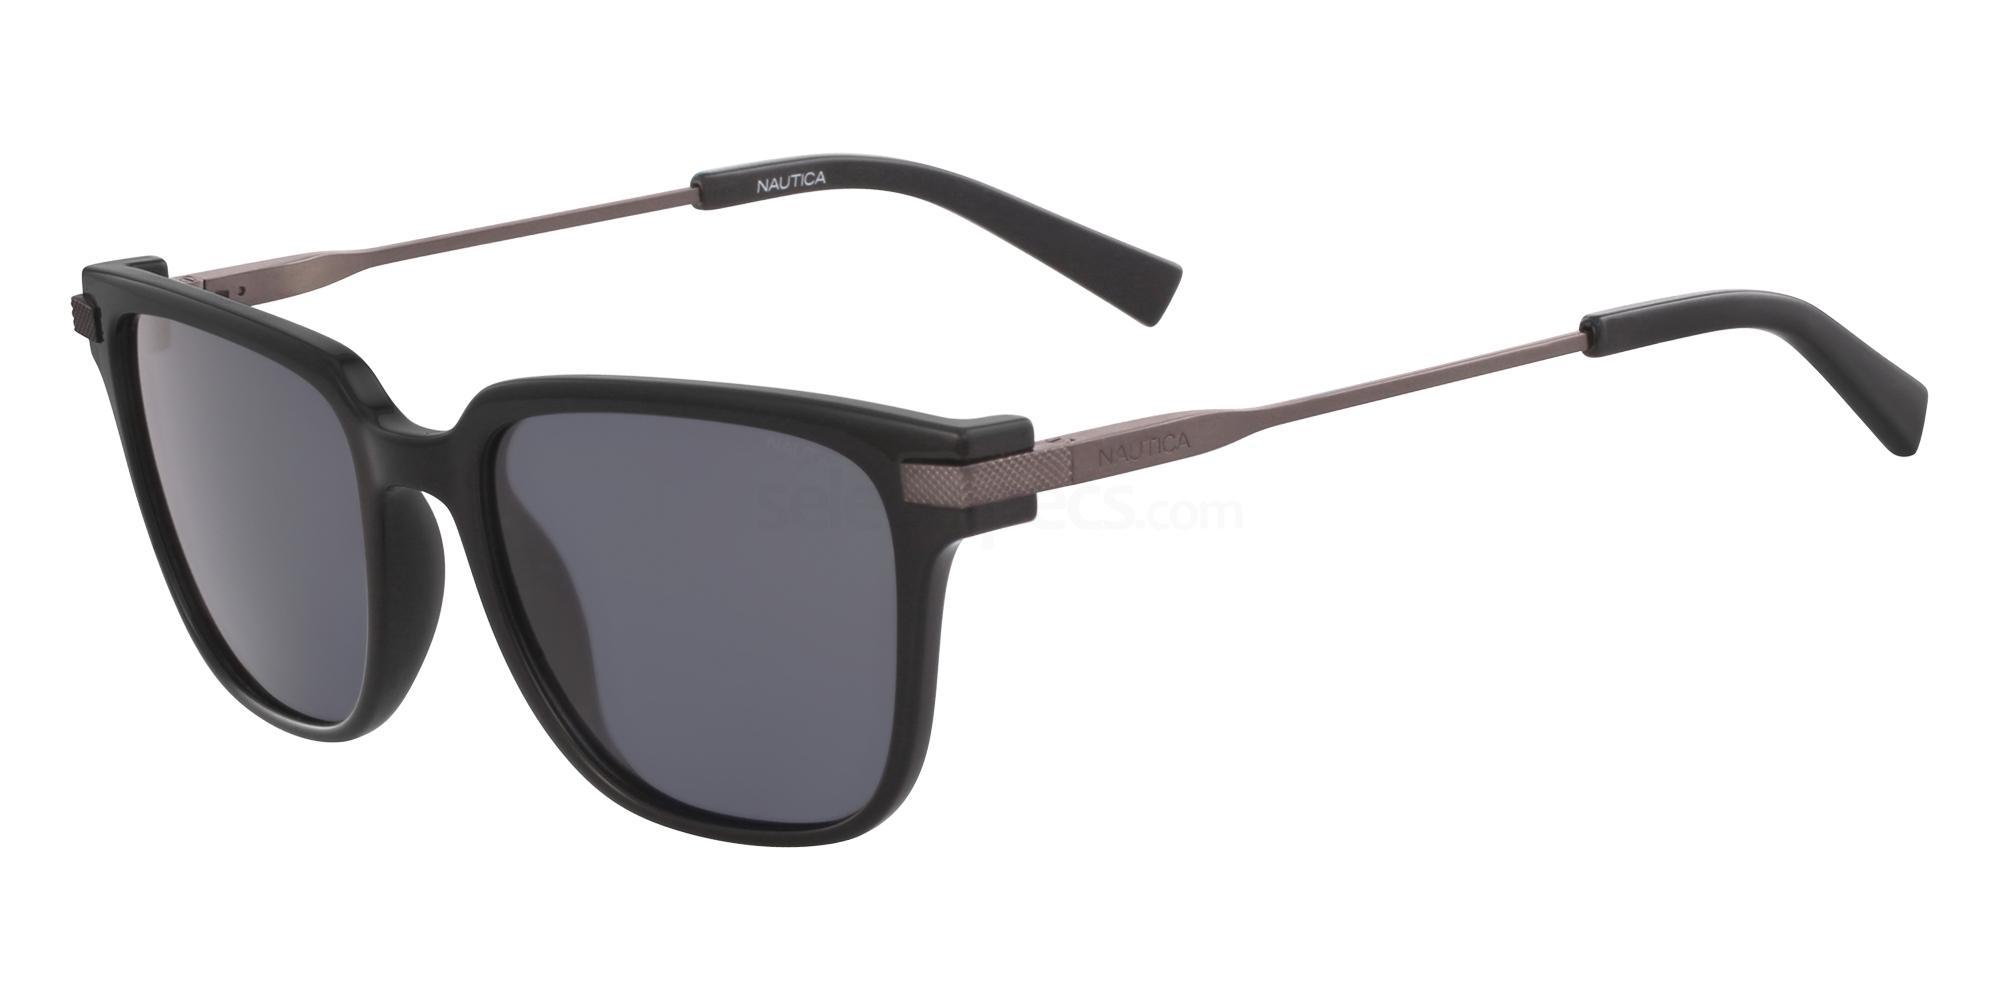 001 N3635SP Sunglasses, Nautica